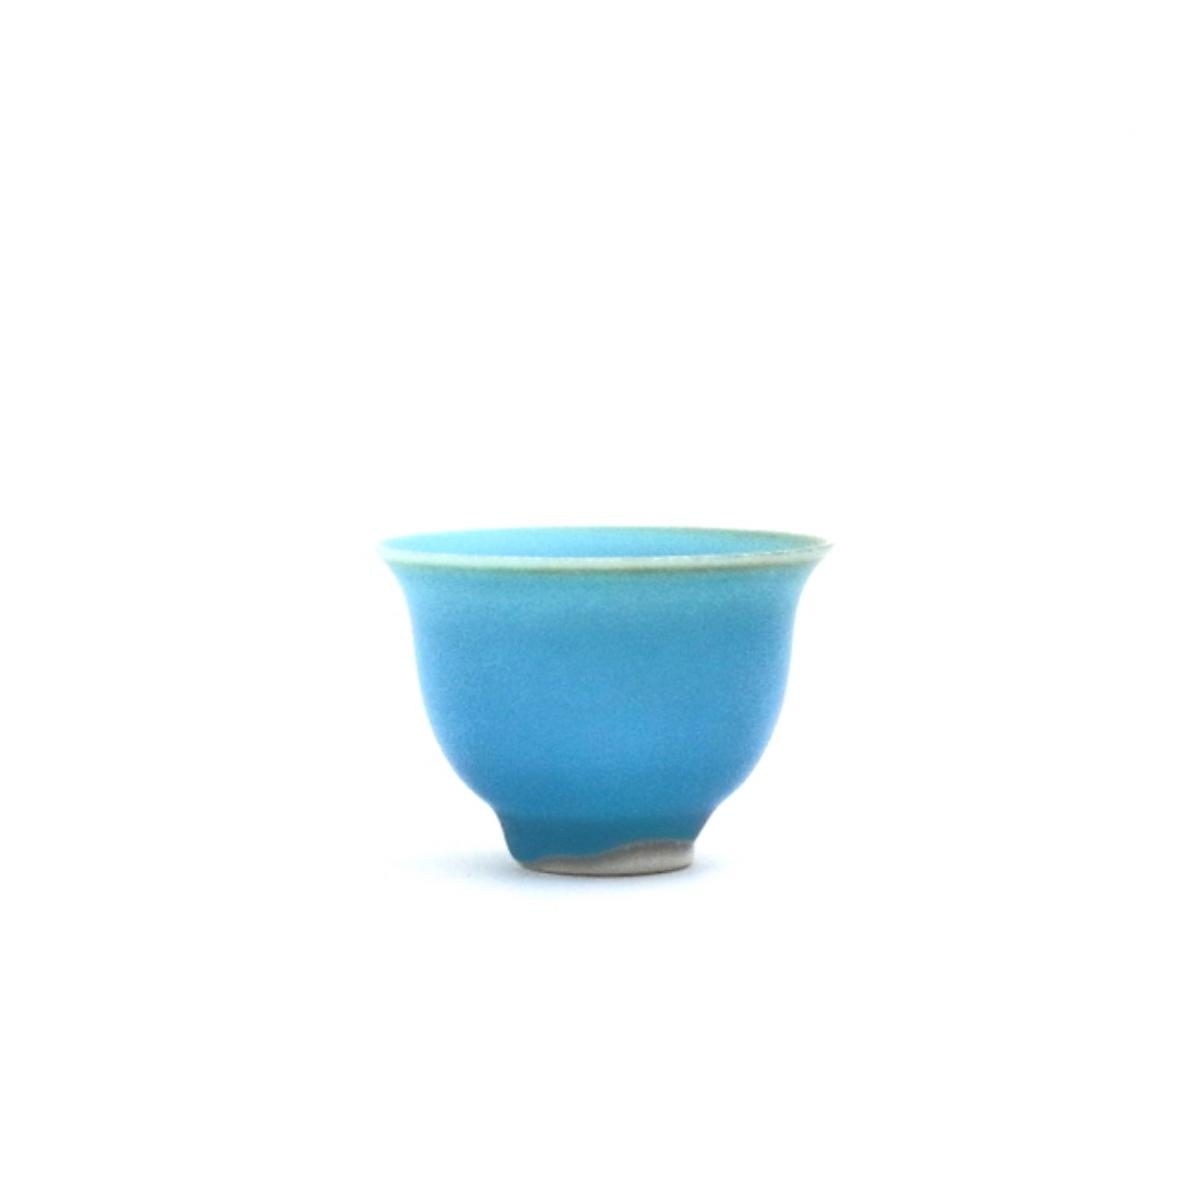 中国茶碗 スターブルー 詳細画像1